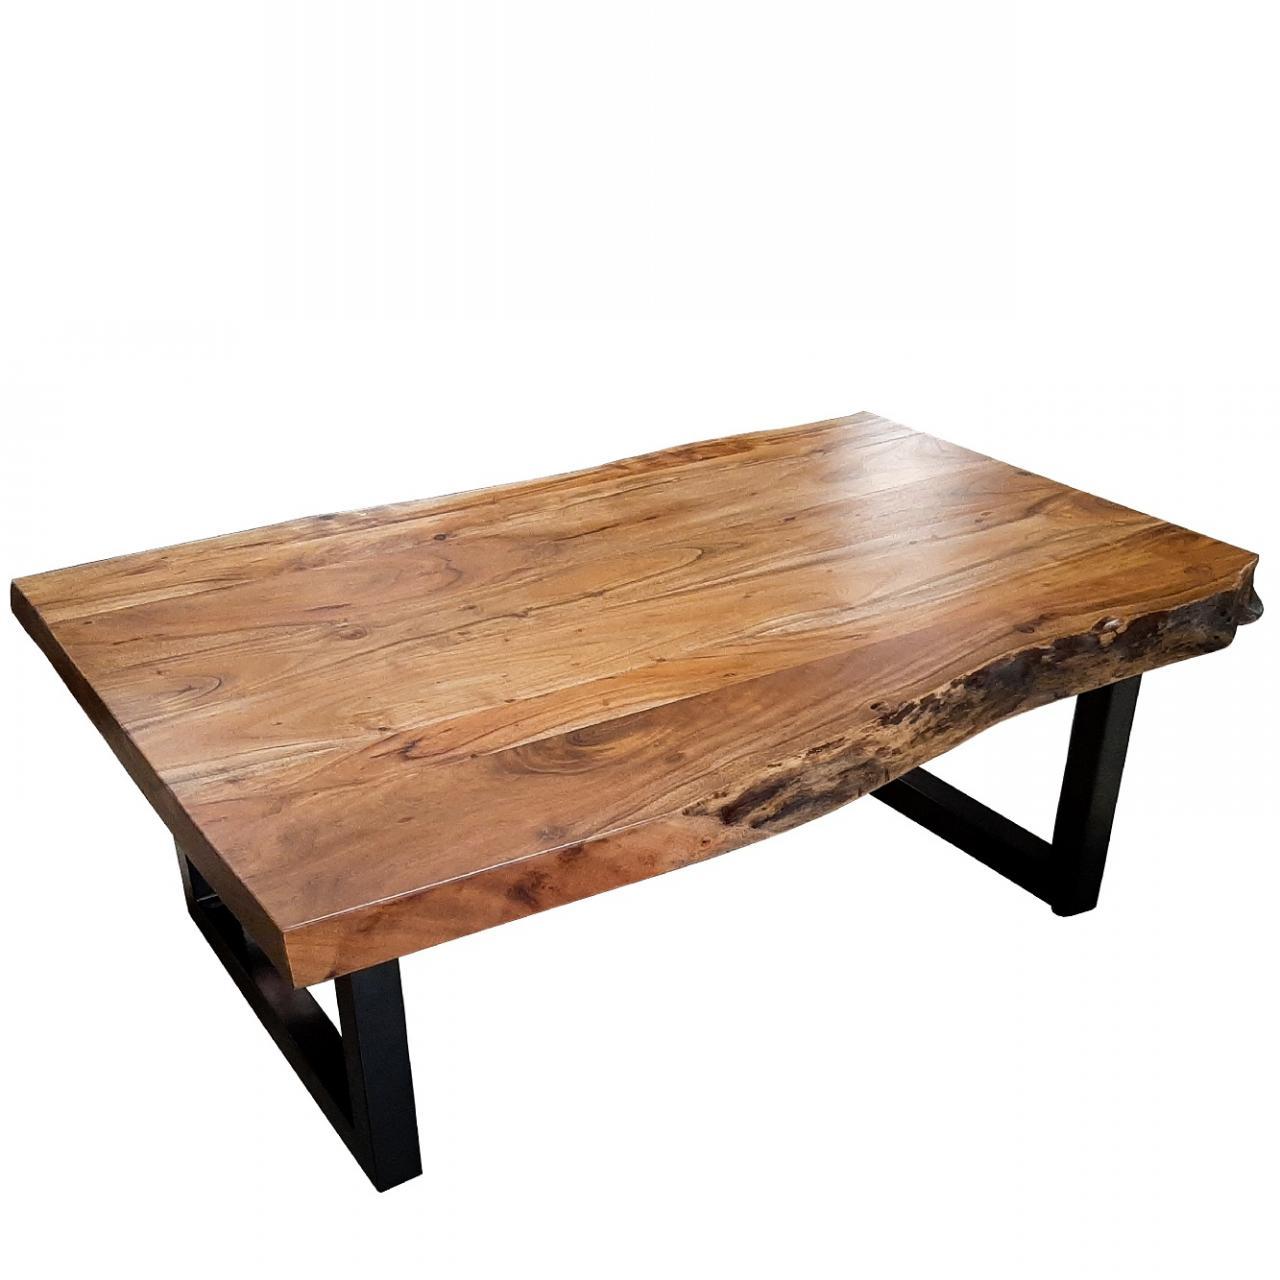 Couchtisch TI-0429 Akazie Massiv Mit Baumkante Eisen U-Gestell Stubentisch Tisch